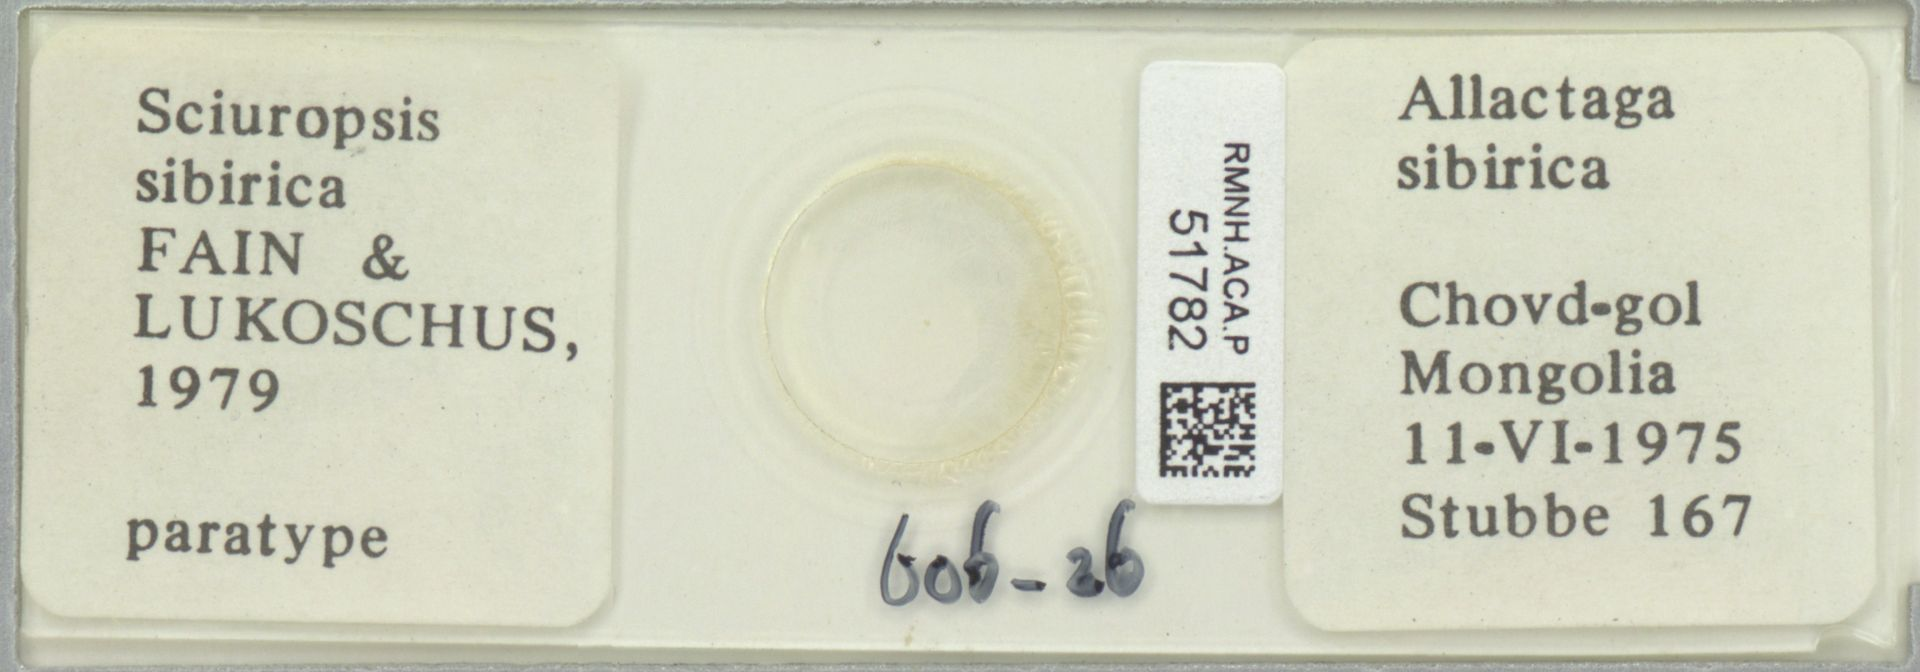 RMNH.ACA.P.51782 | Sciuropsis sibirica Fain & Lukoschus, 1979